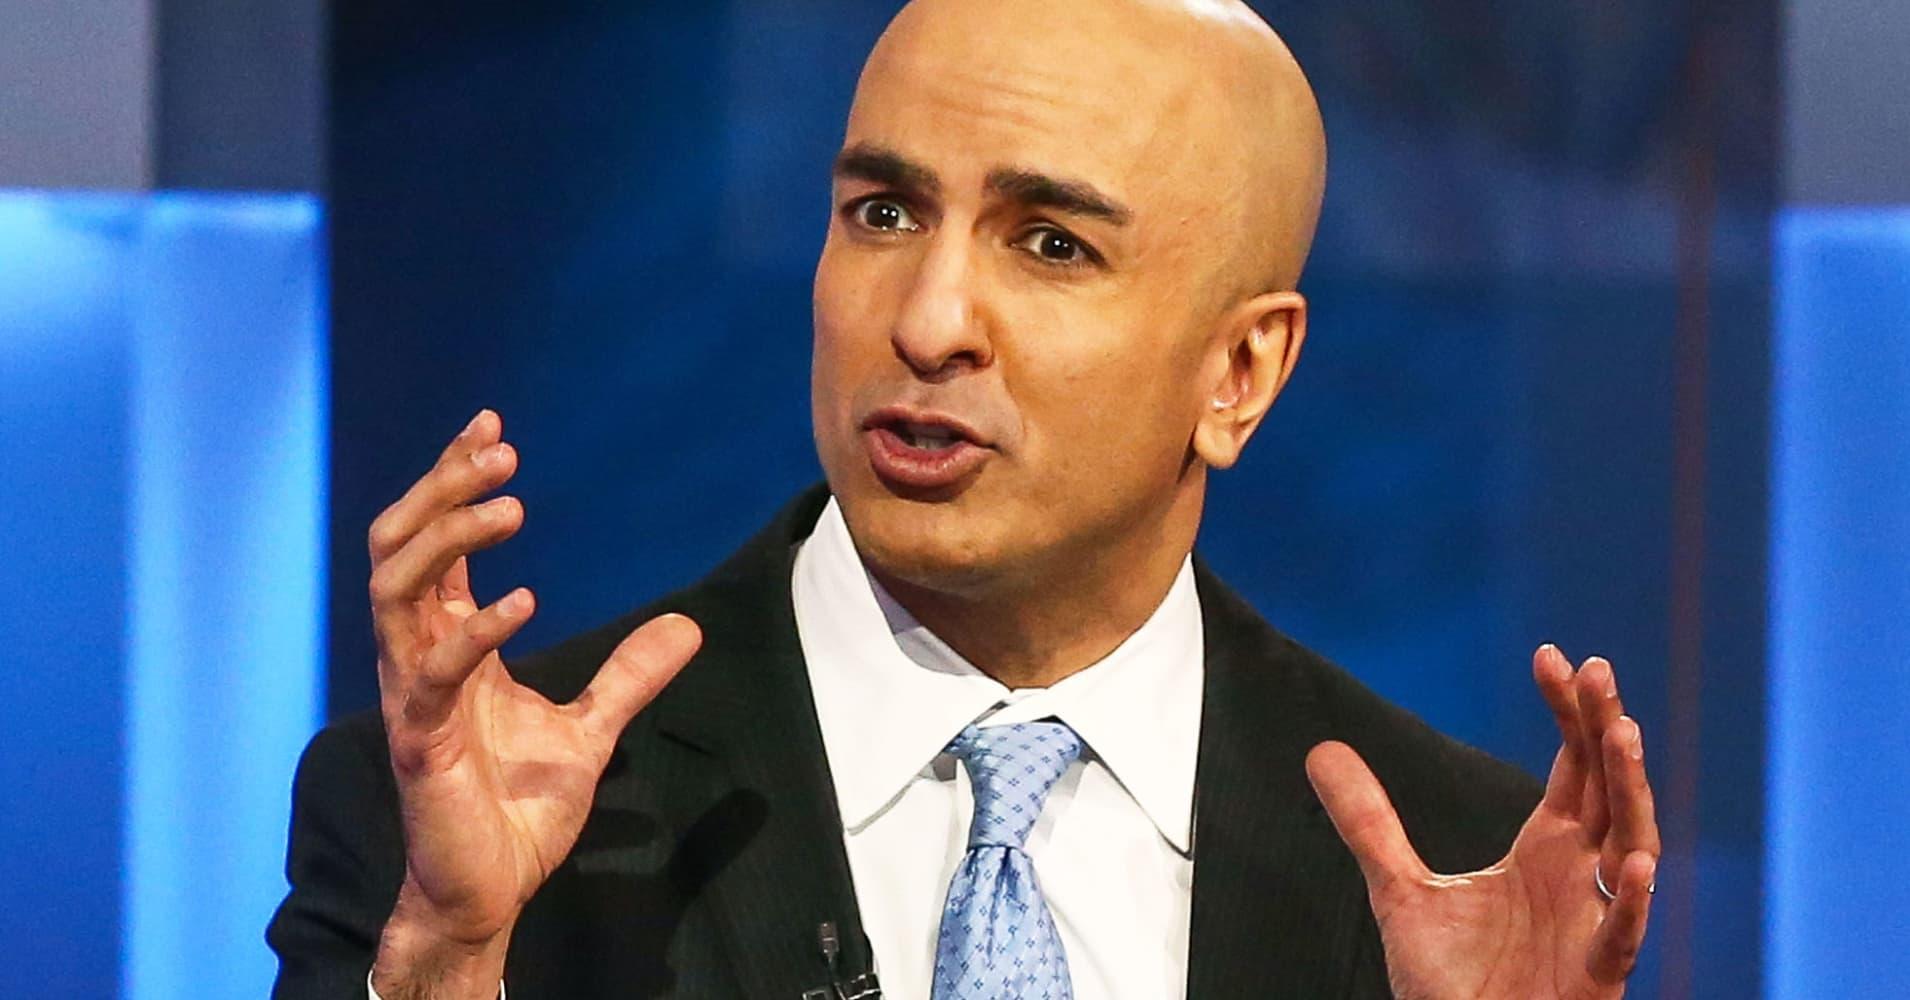 Fed's Kashkari: Rate hike pause keeps US growth on track